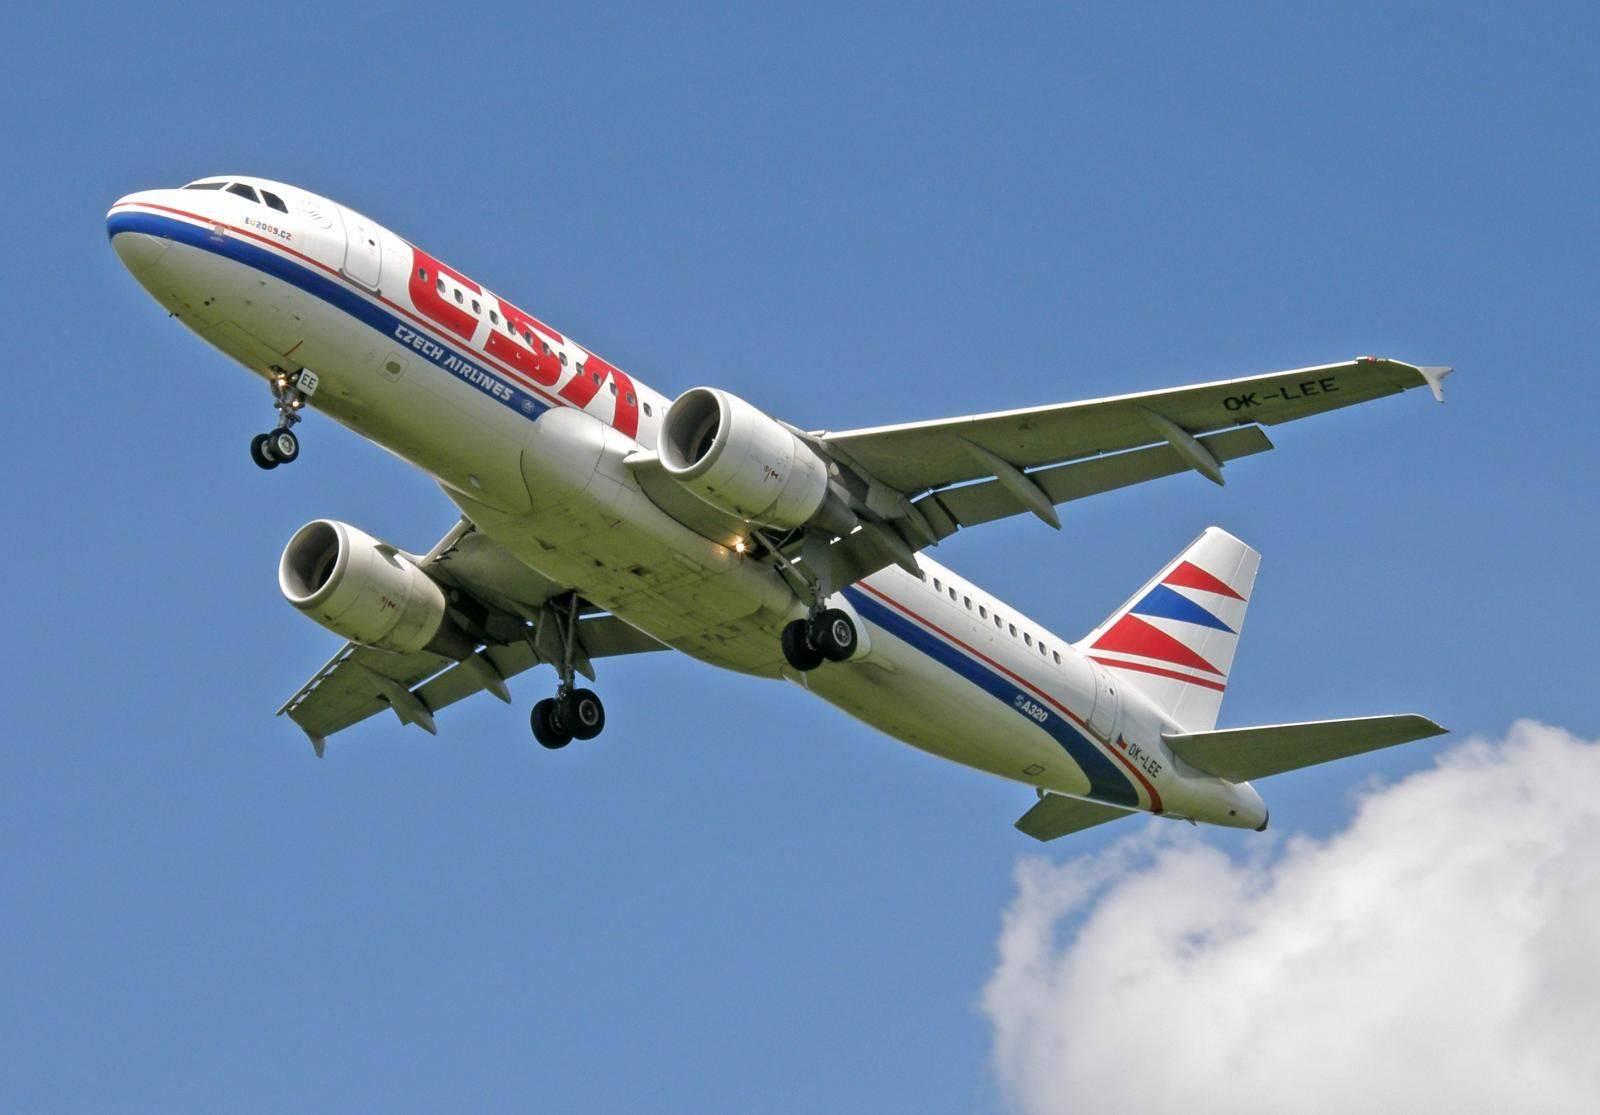 Авиакомпания чса ― чешские авиалинии (csa czech airlines)